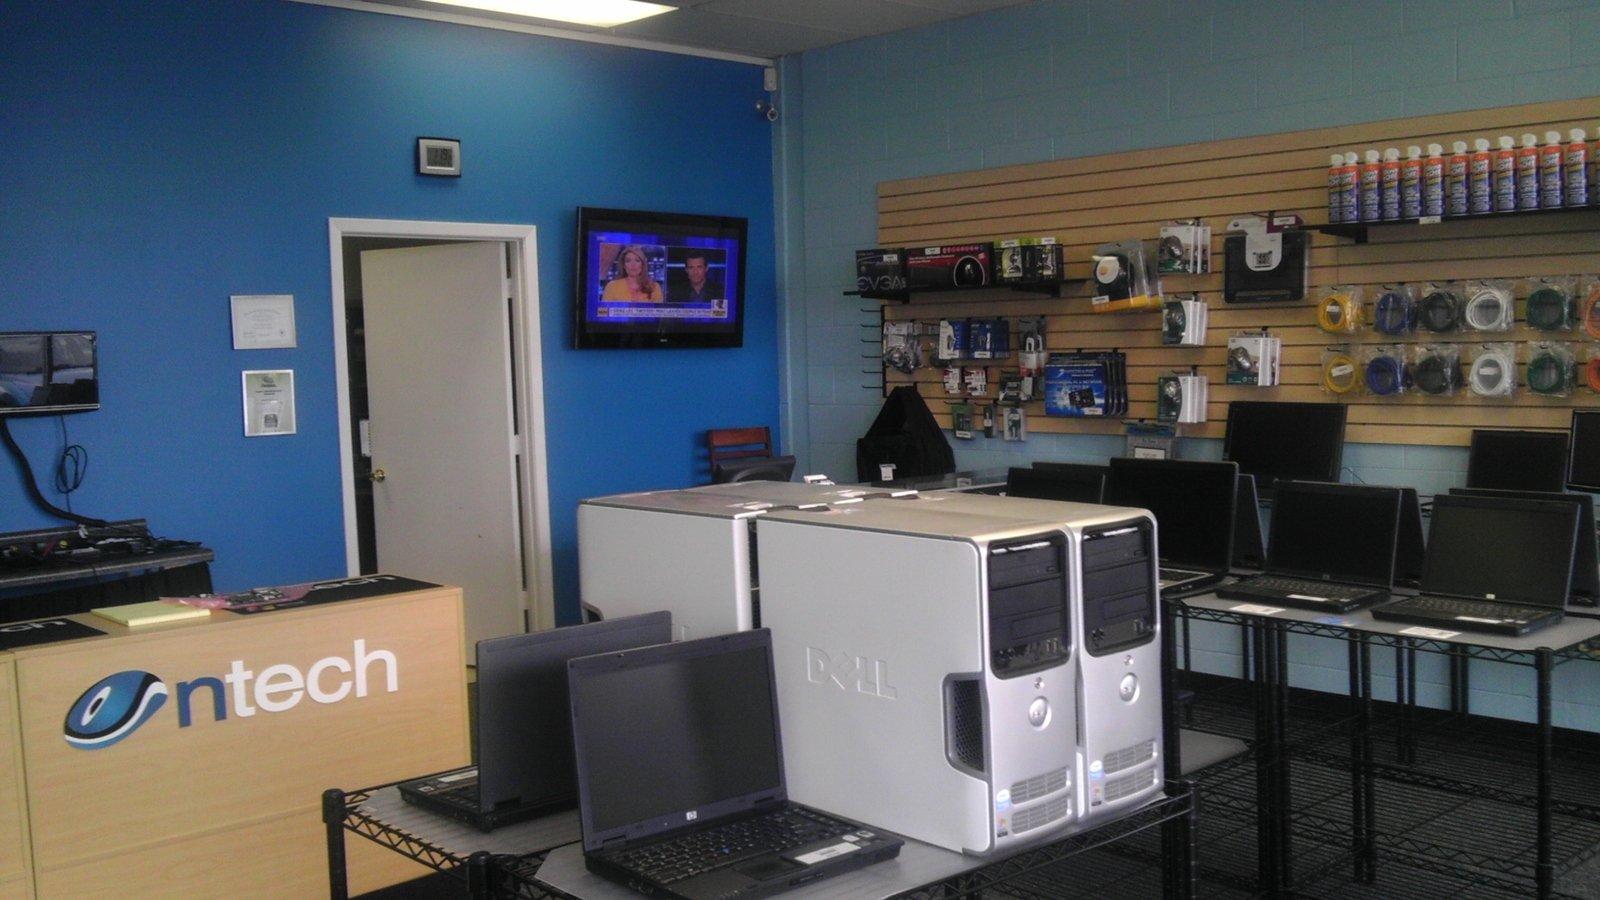 NTech Online Computer Repair